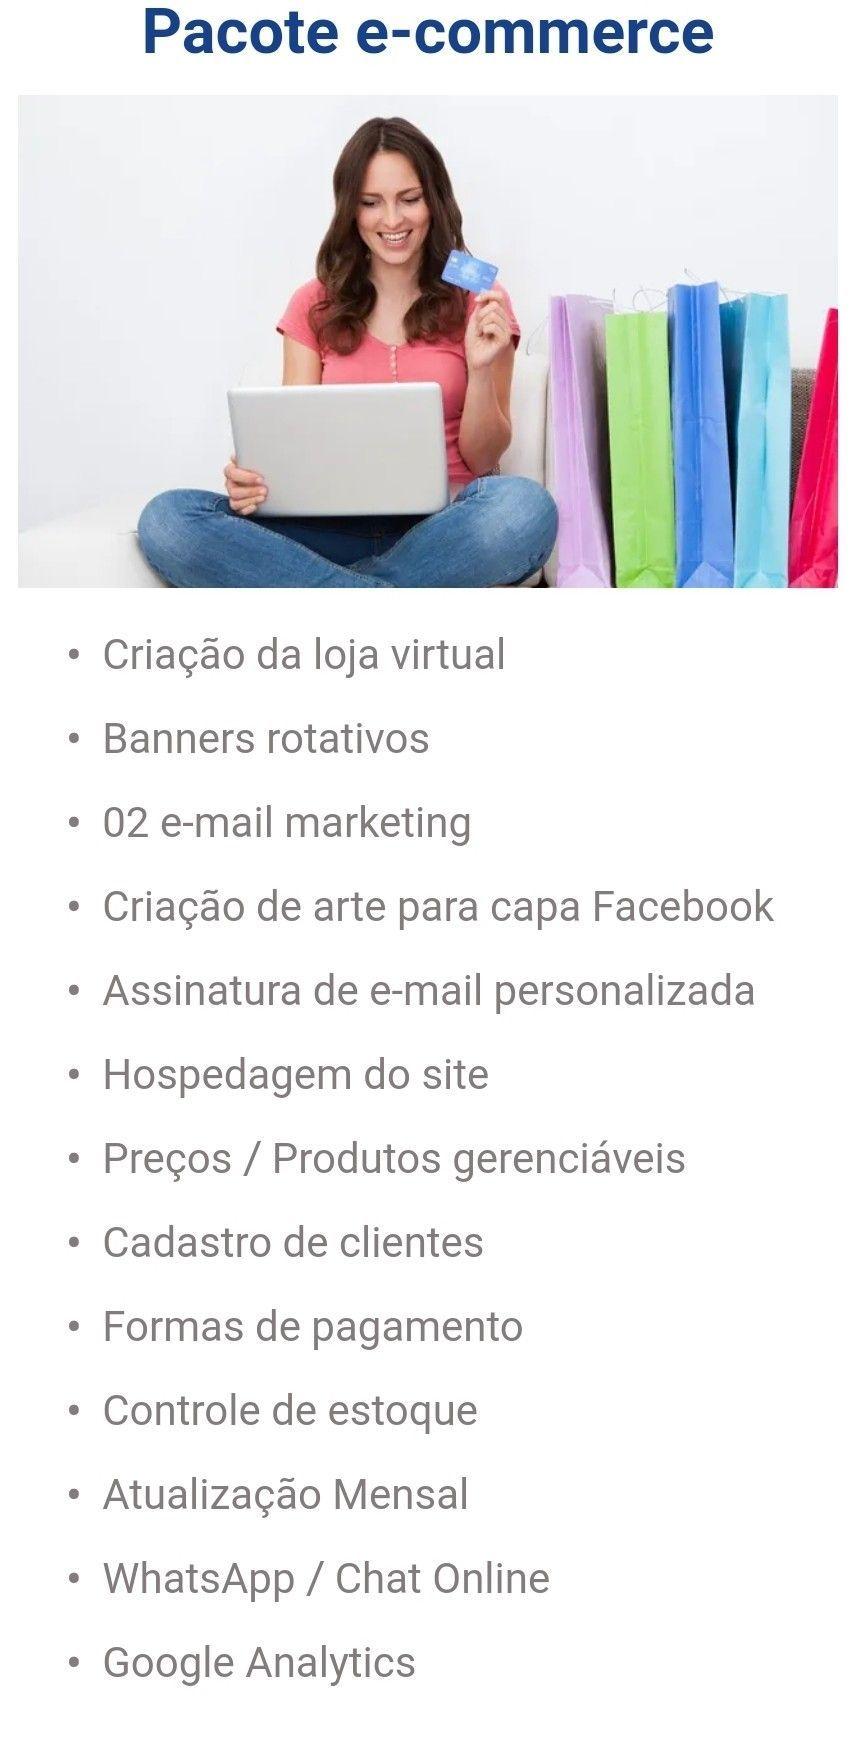 Pacote e-commerce